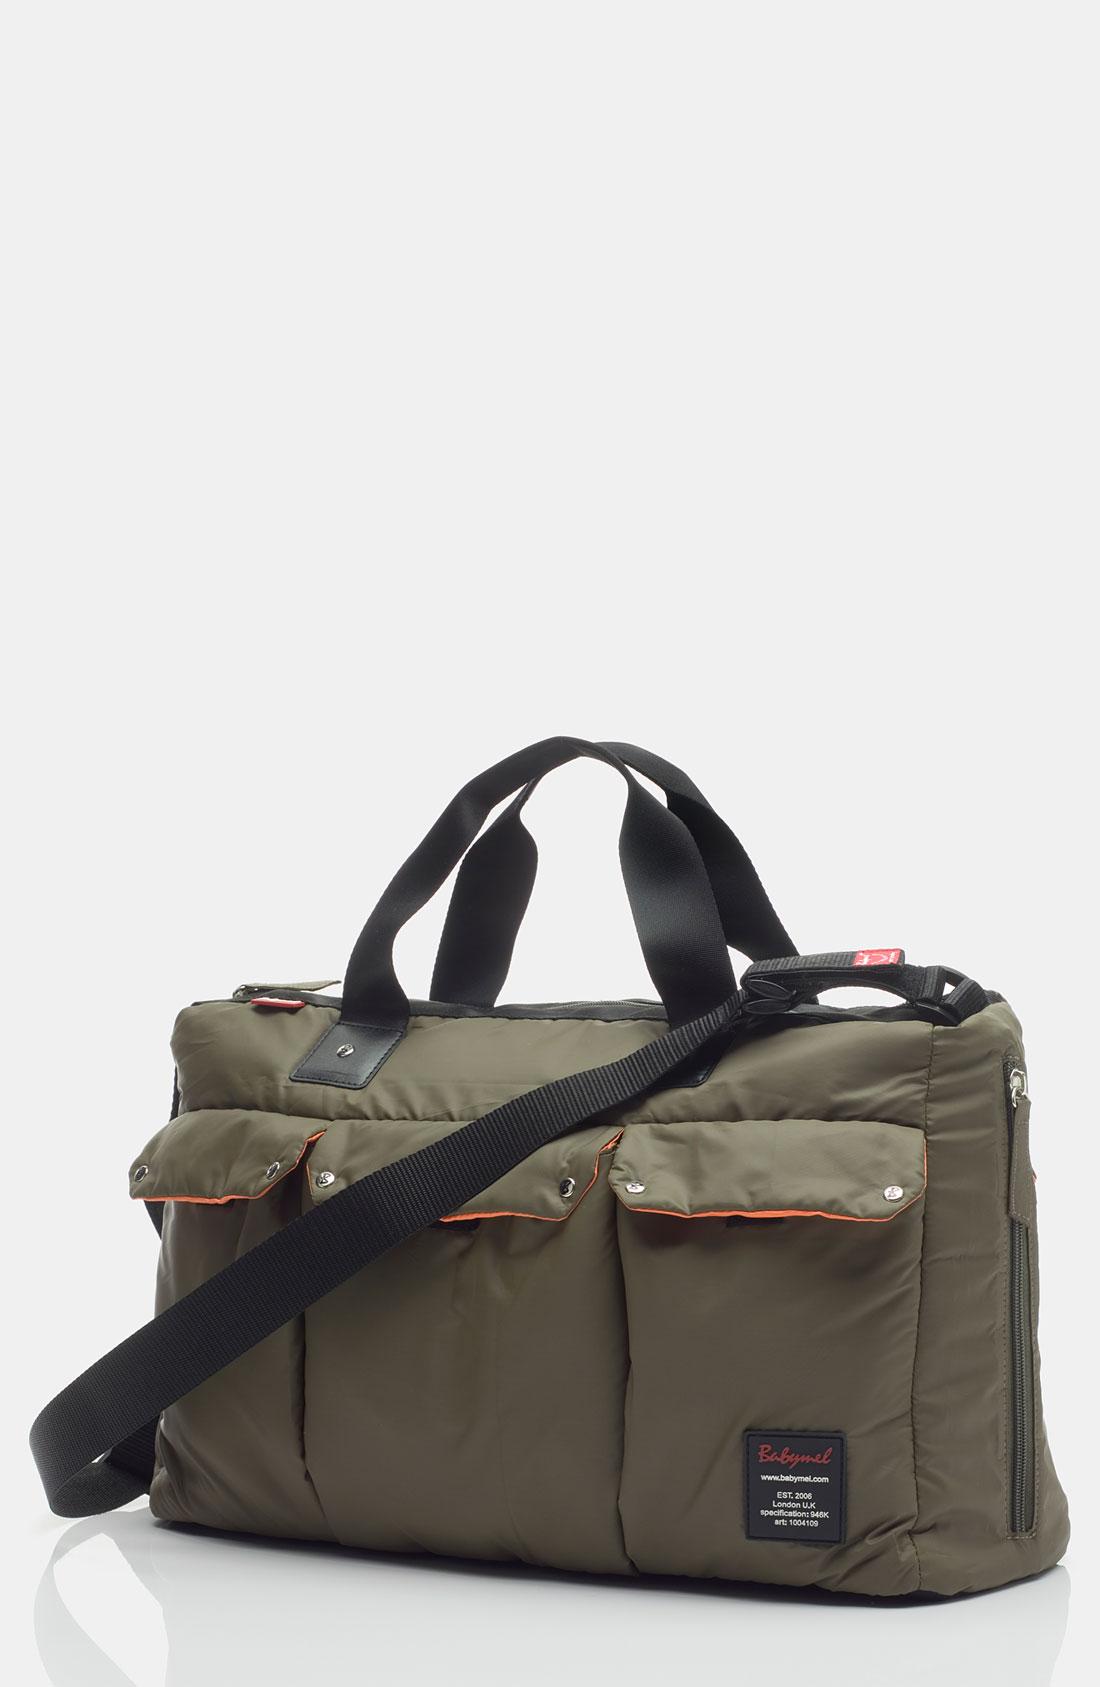 Storksak Babymel Soho Messenger Diaper Bag In Green For